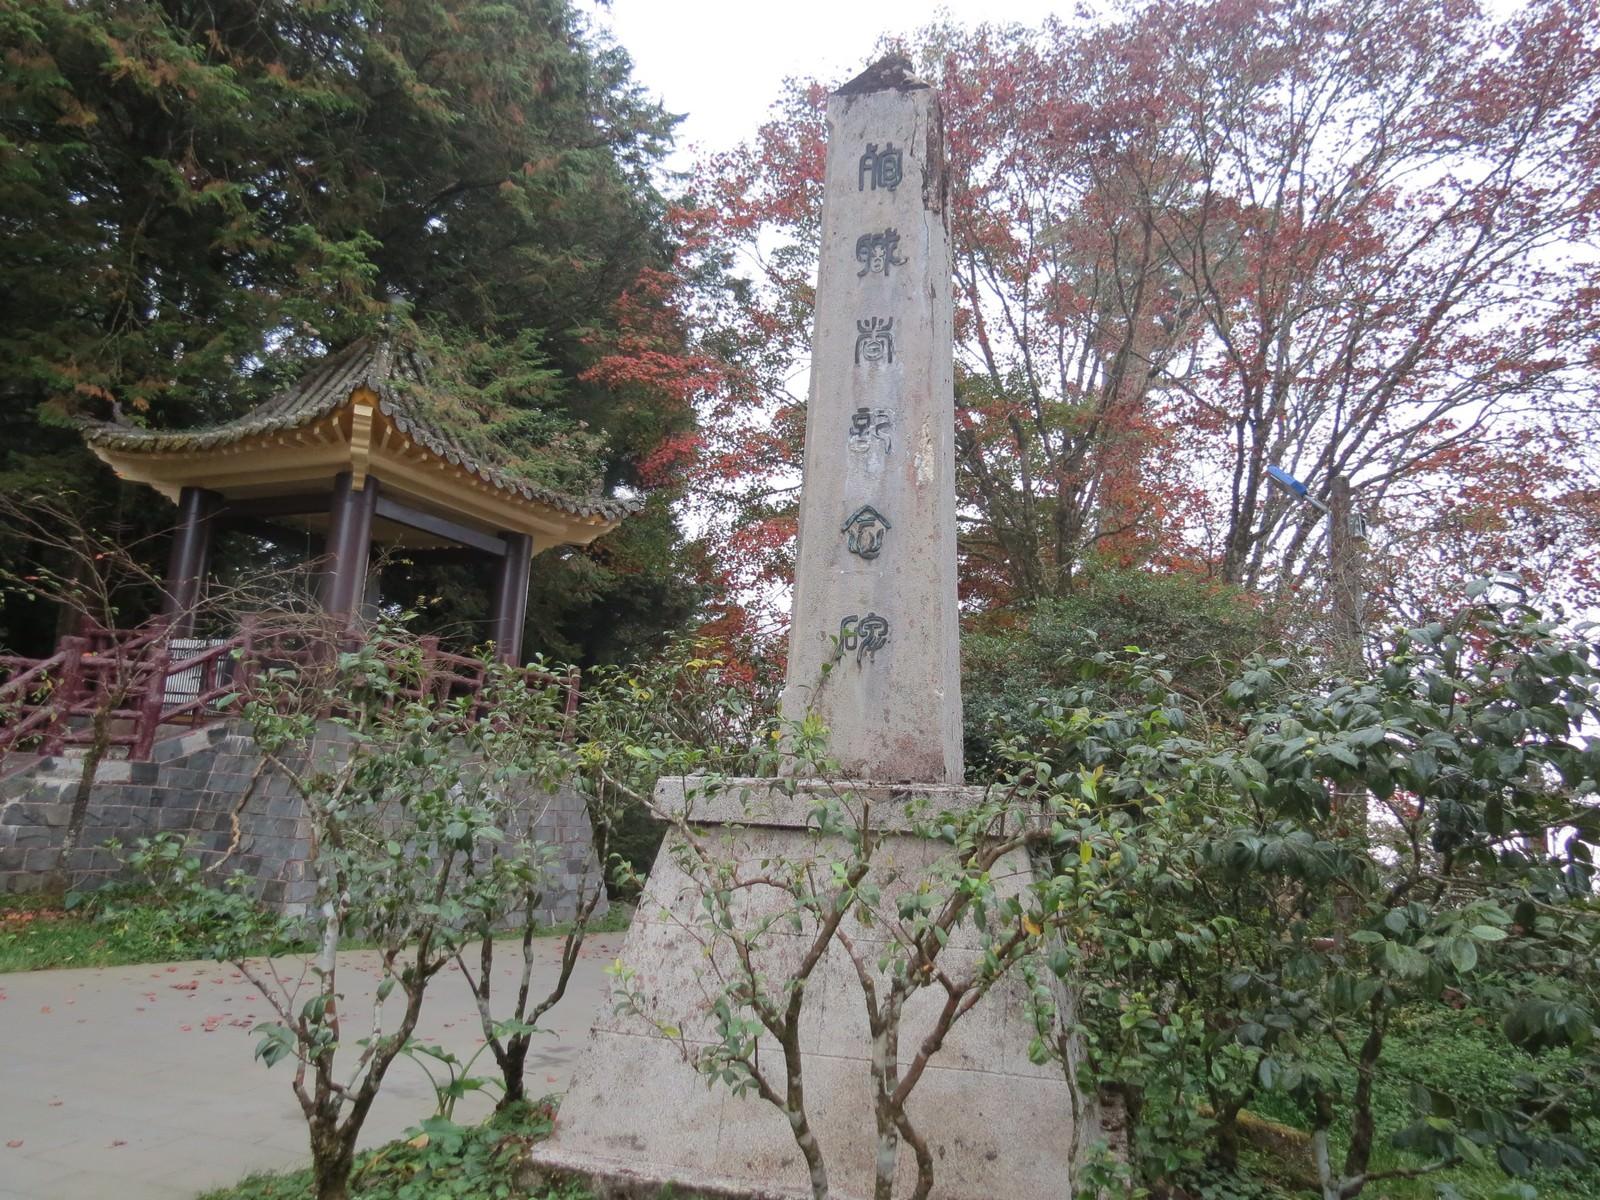 阿里山國家風景區, 慈雲寺, 殉職者紀念碑